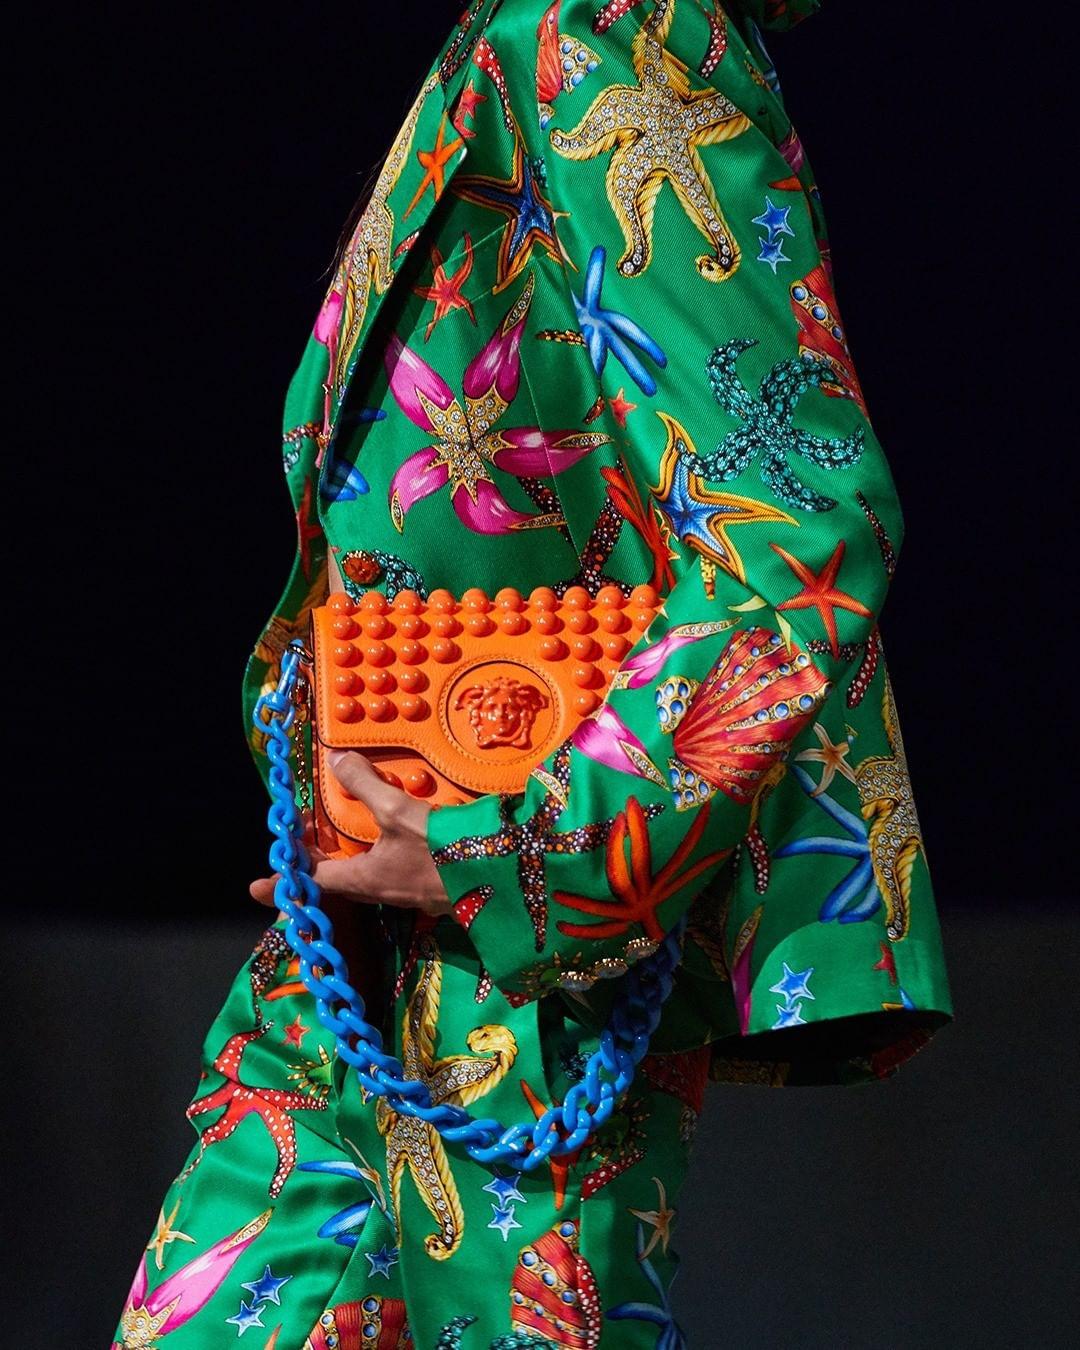 versace fashion: 6